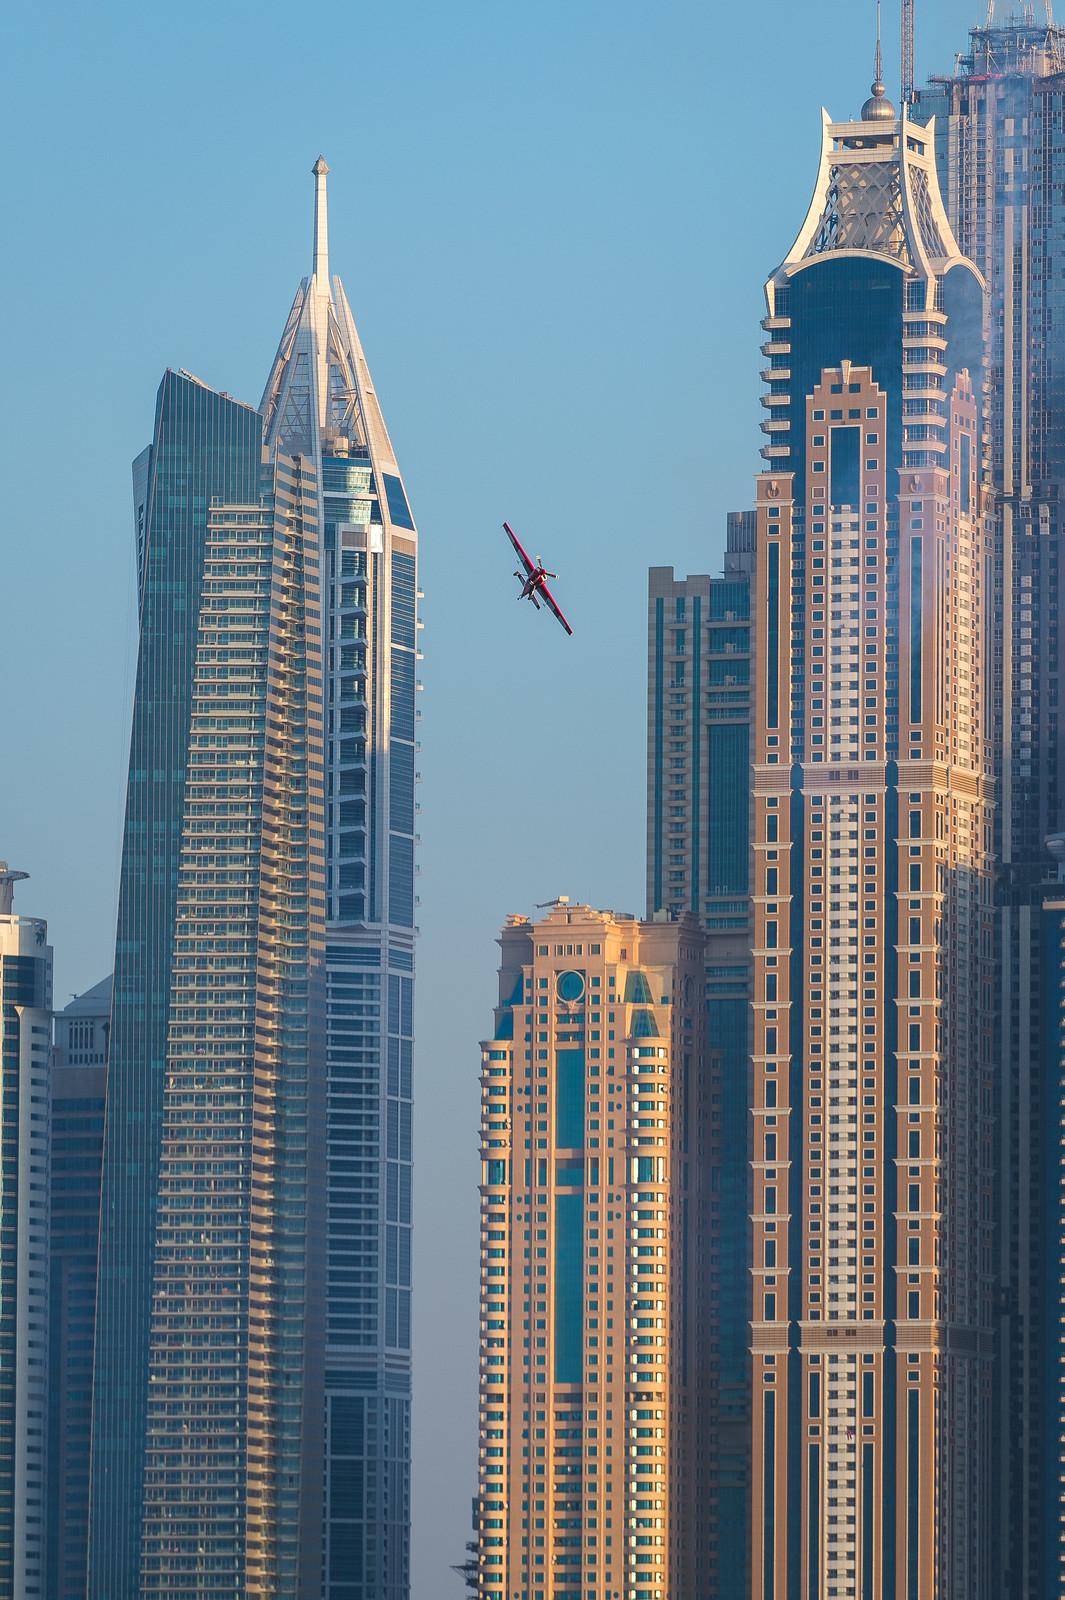 D Exhibition Jbr : Dubai marina m ft fl com page